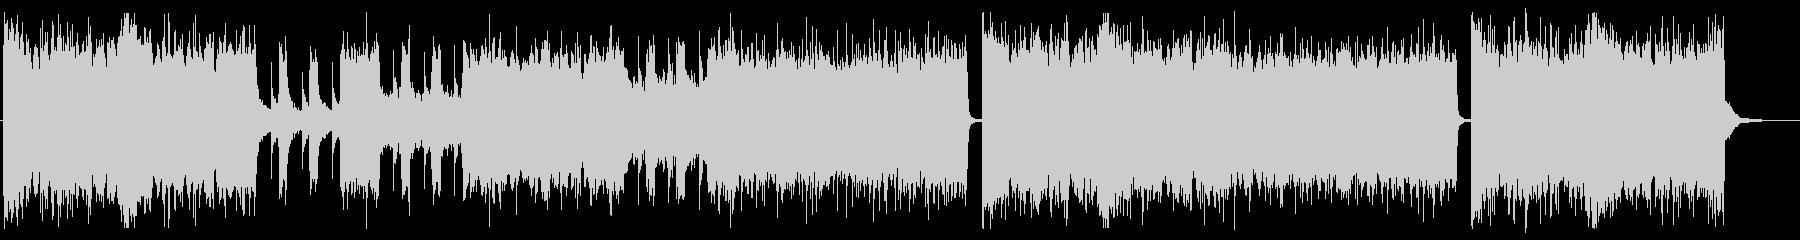 グルーヴ感のあるメタルコアの未再生の波形